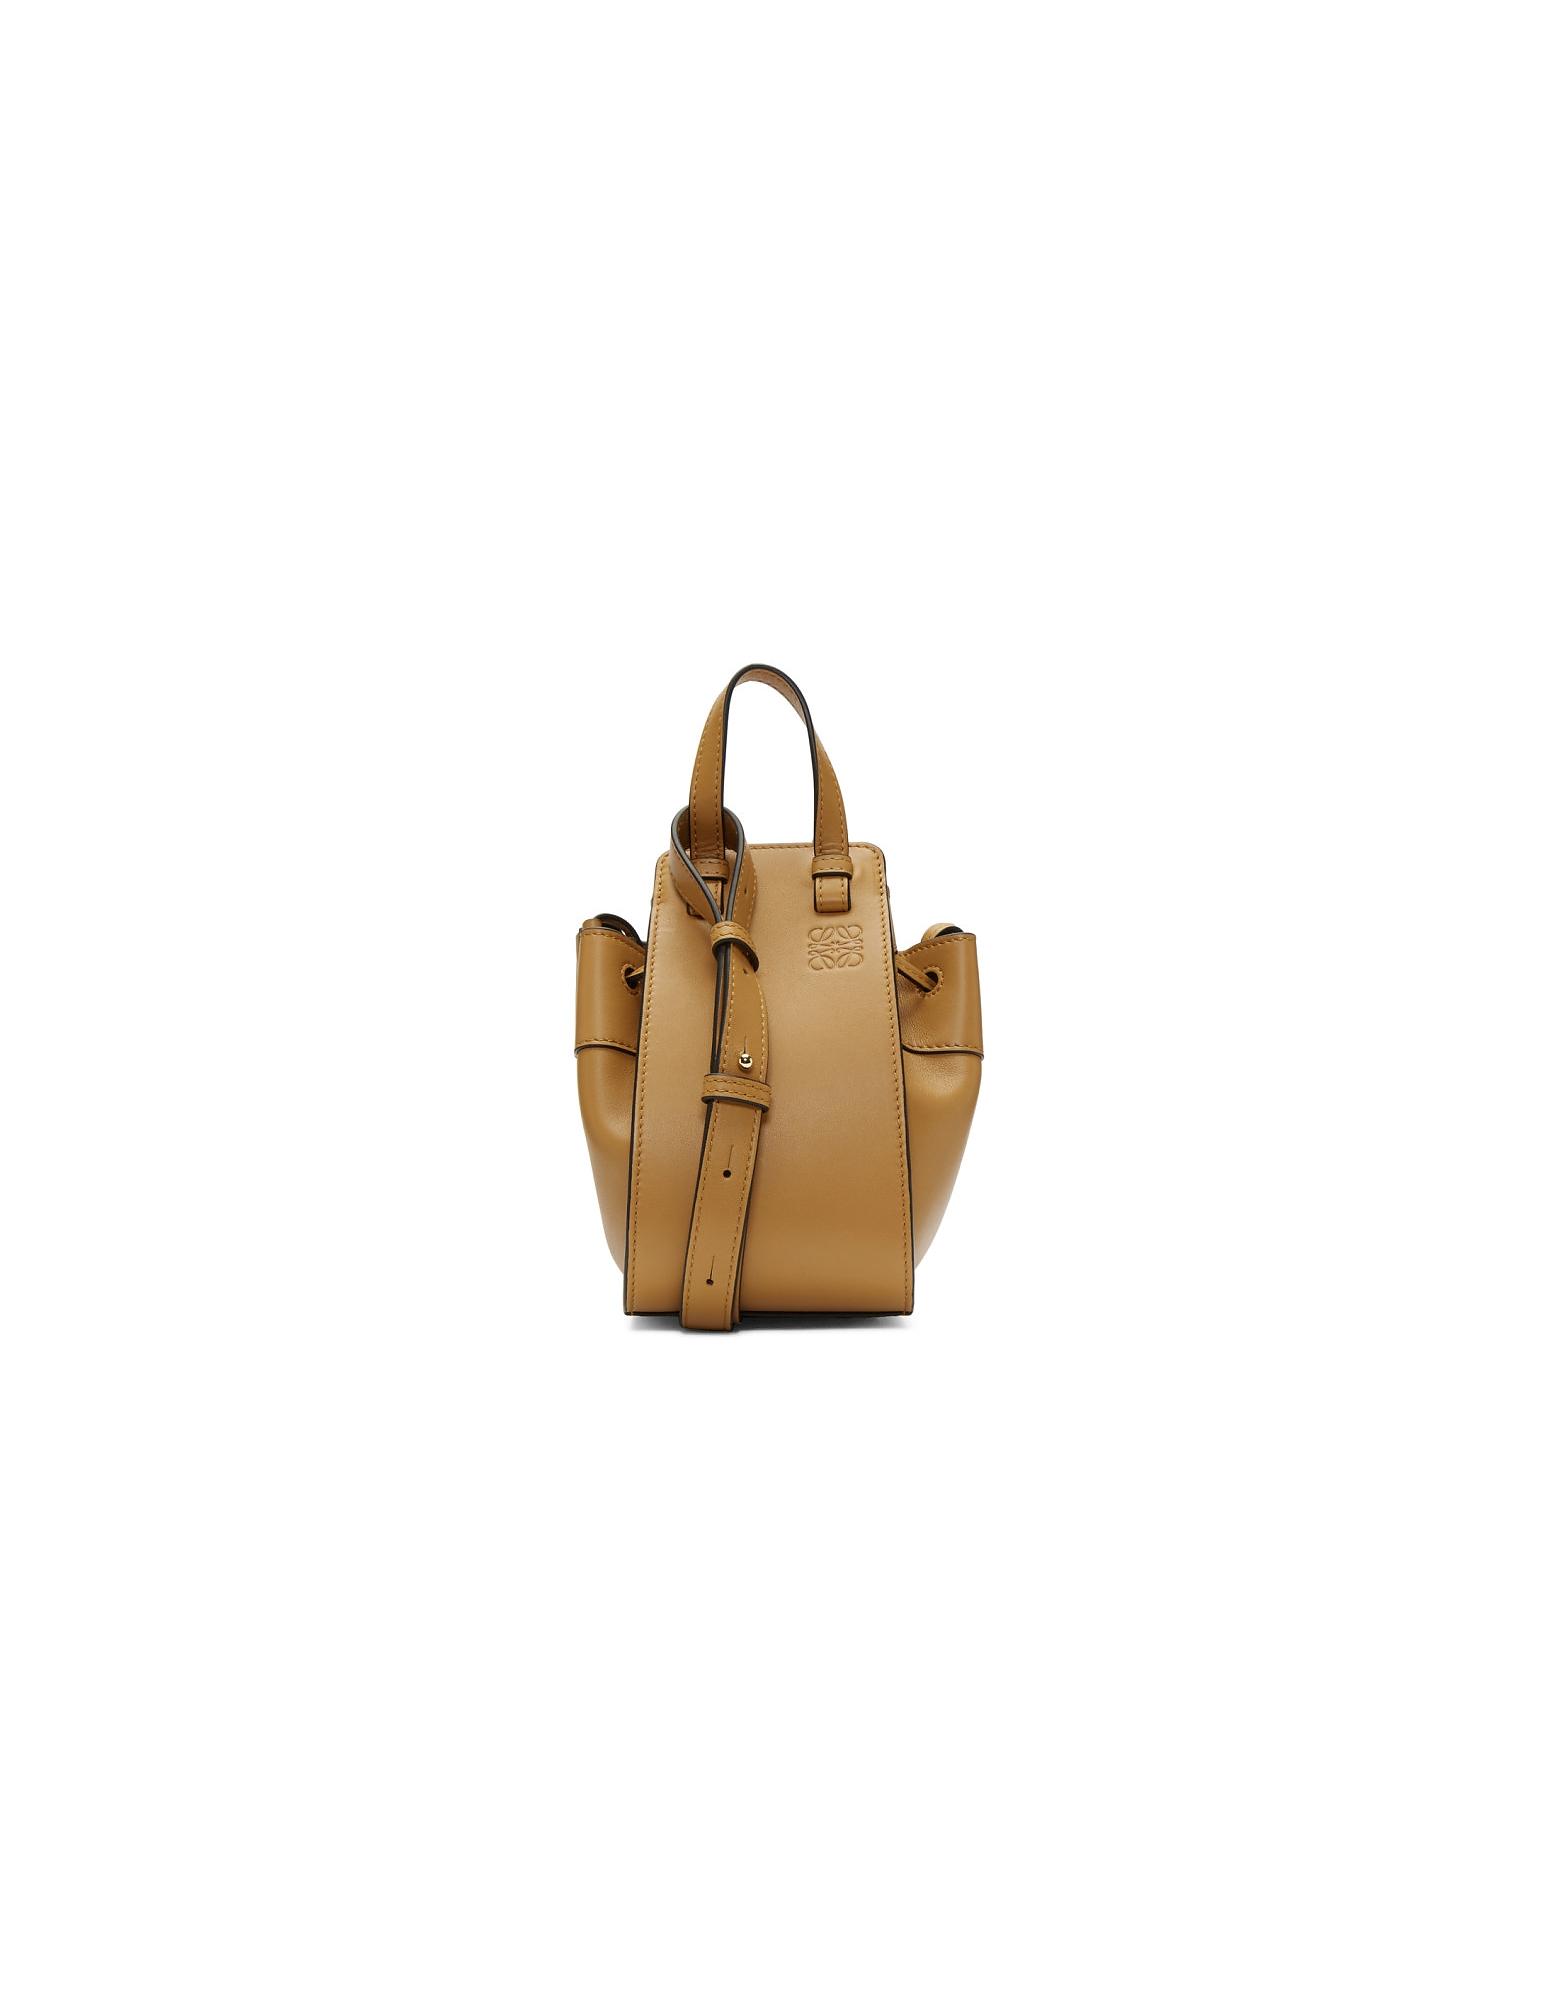 Loewe Designer Handbags, Brown Mini Hammock Drawstring Bag